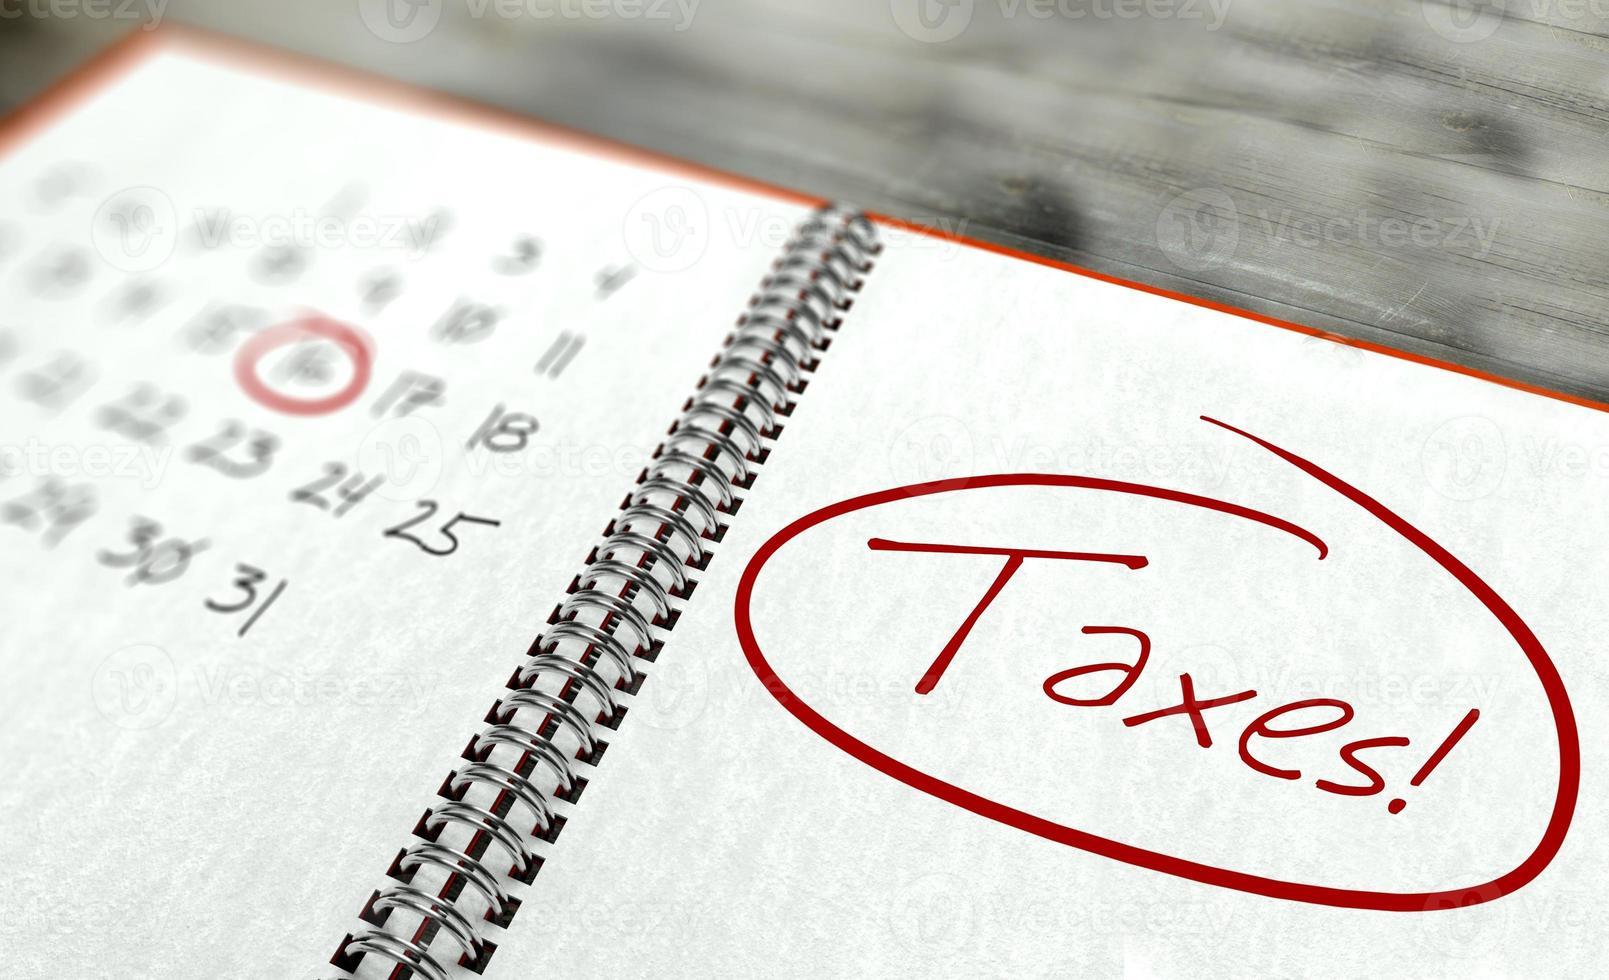 giorno importante delle tasse, concetto del calendario foto